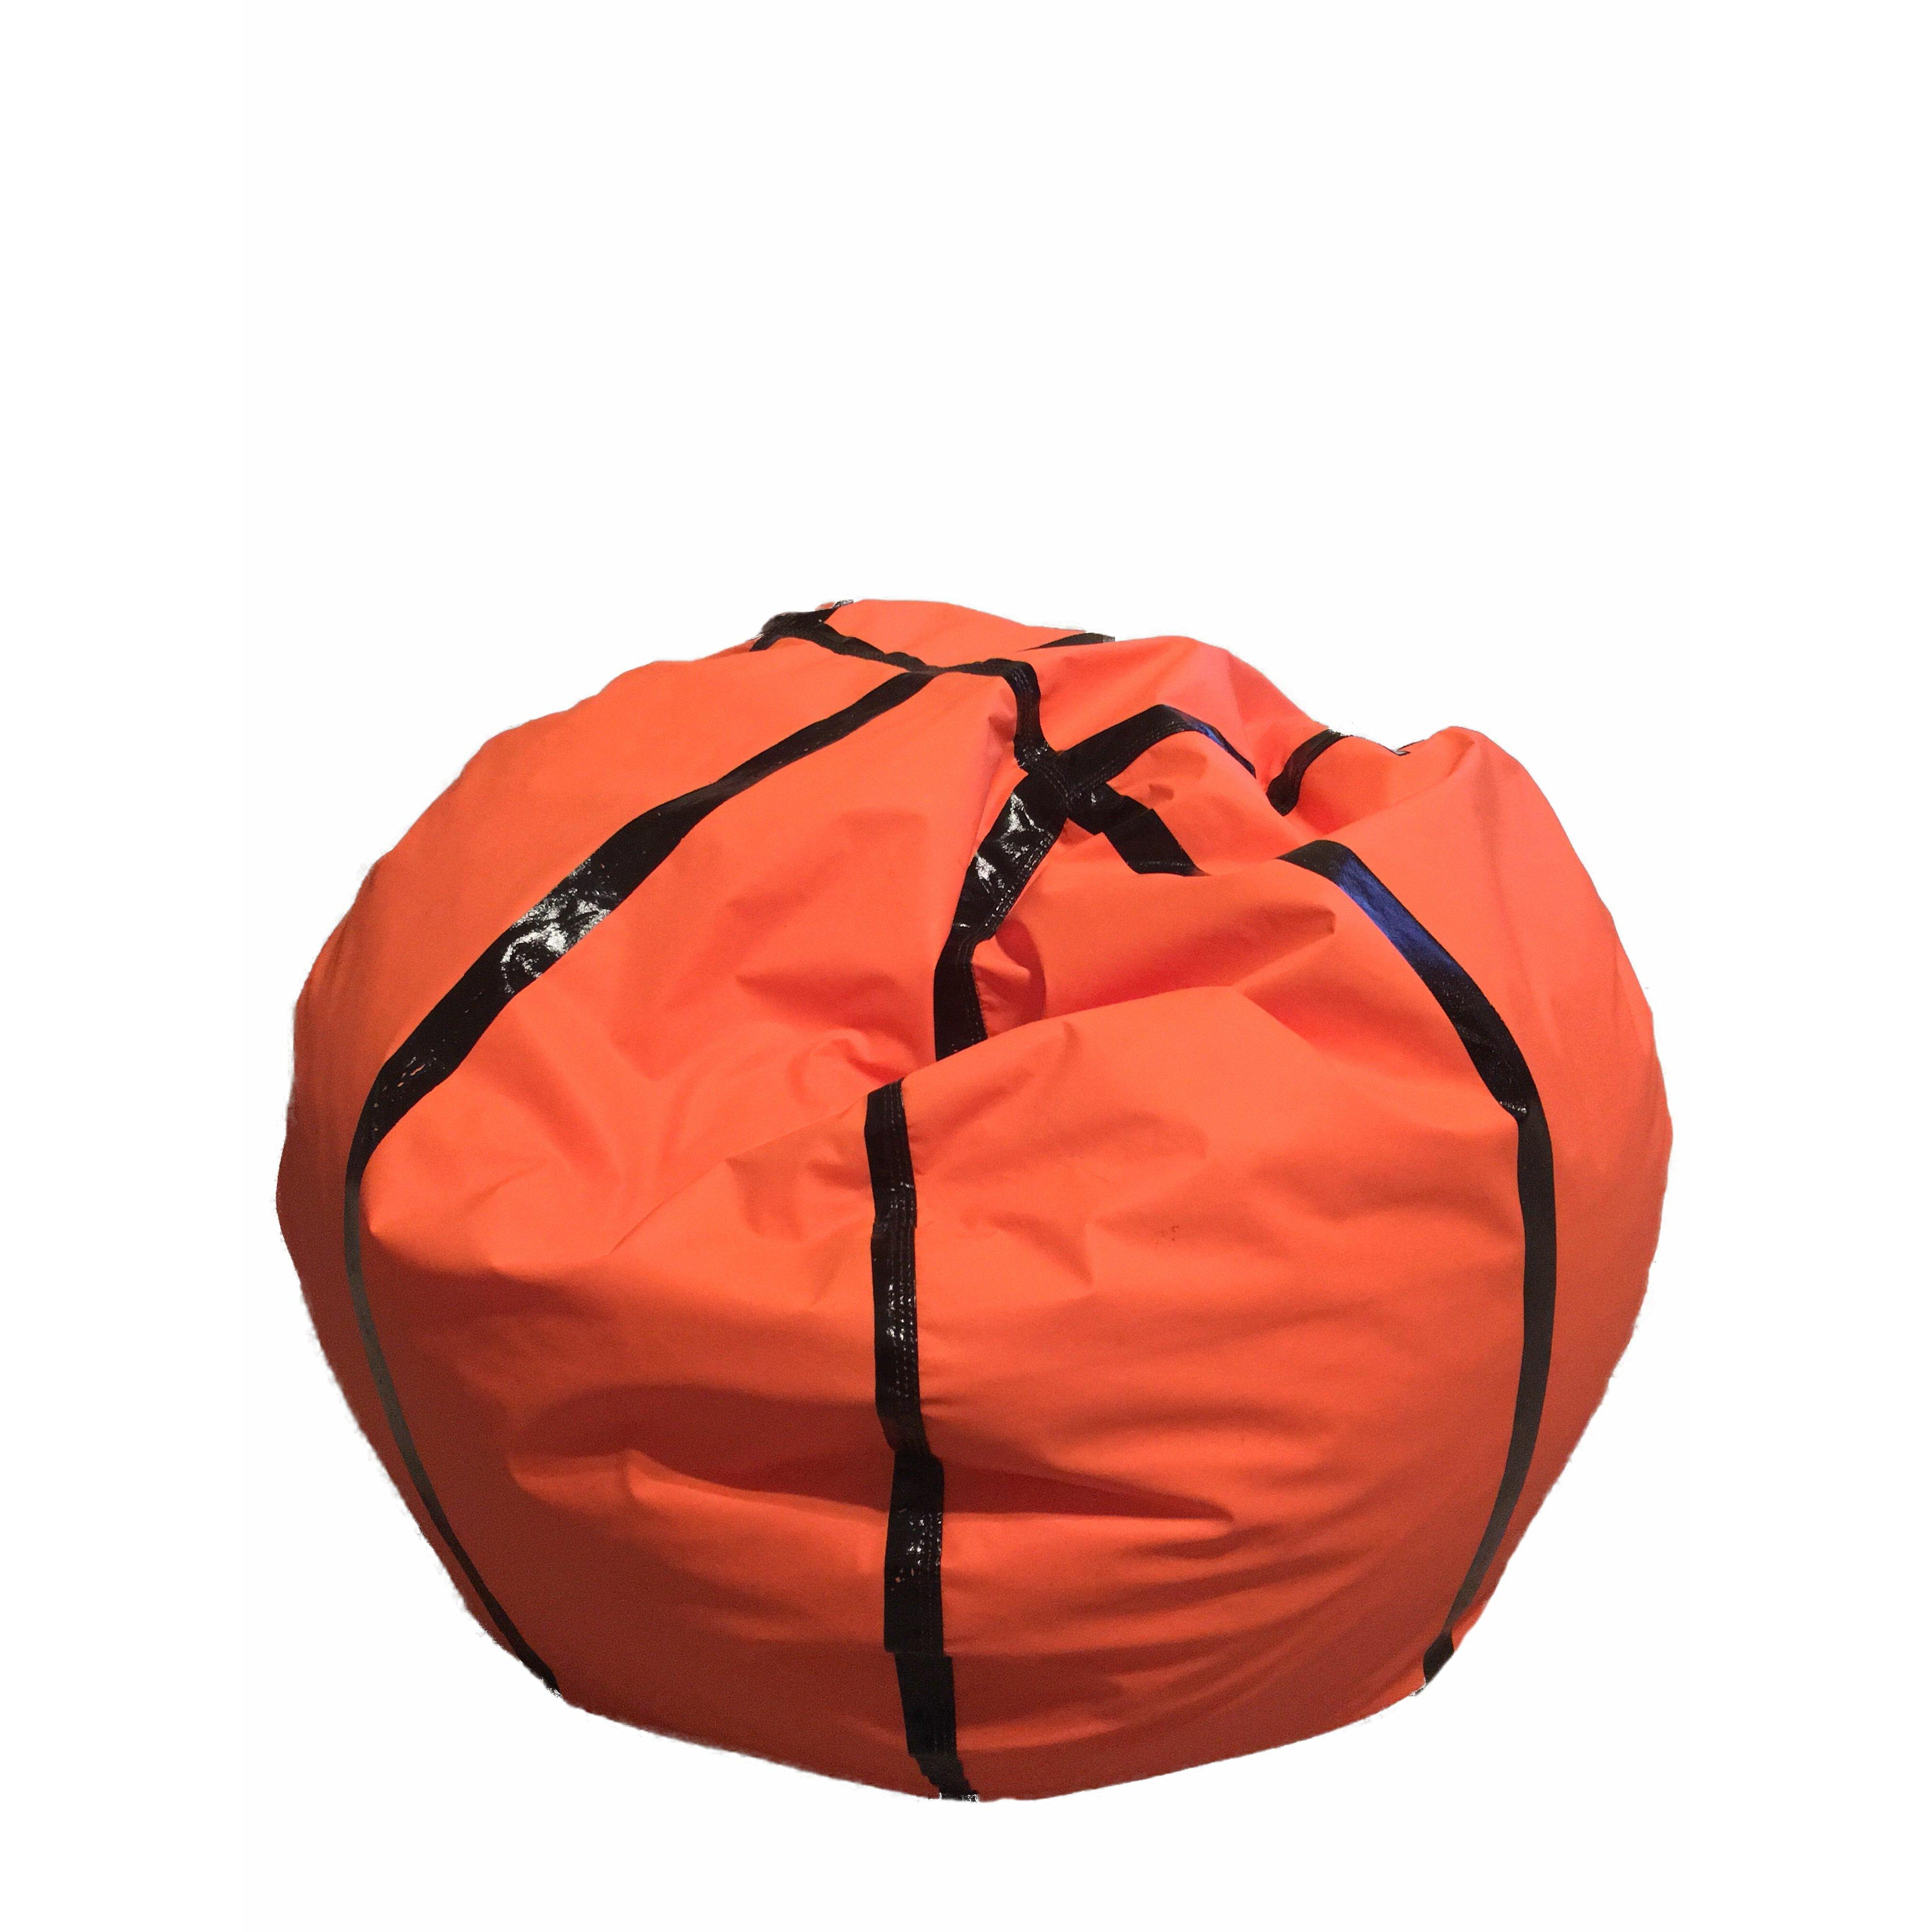 B-F Manufacturing Basketball Bean Bag Chair